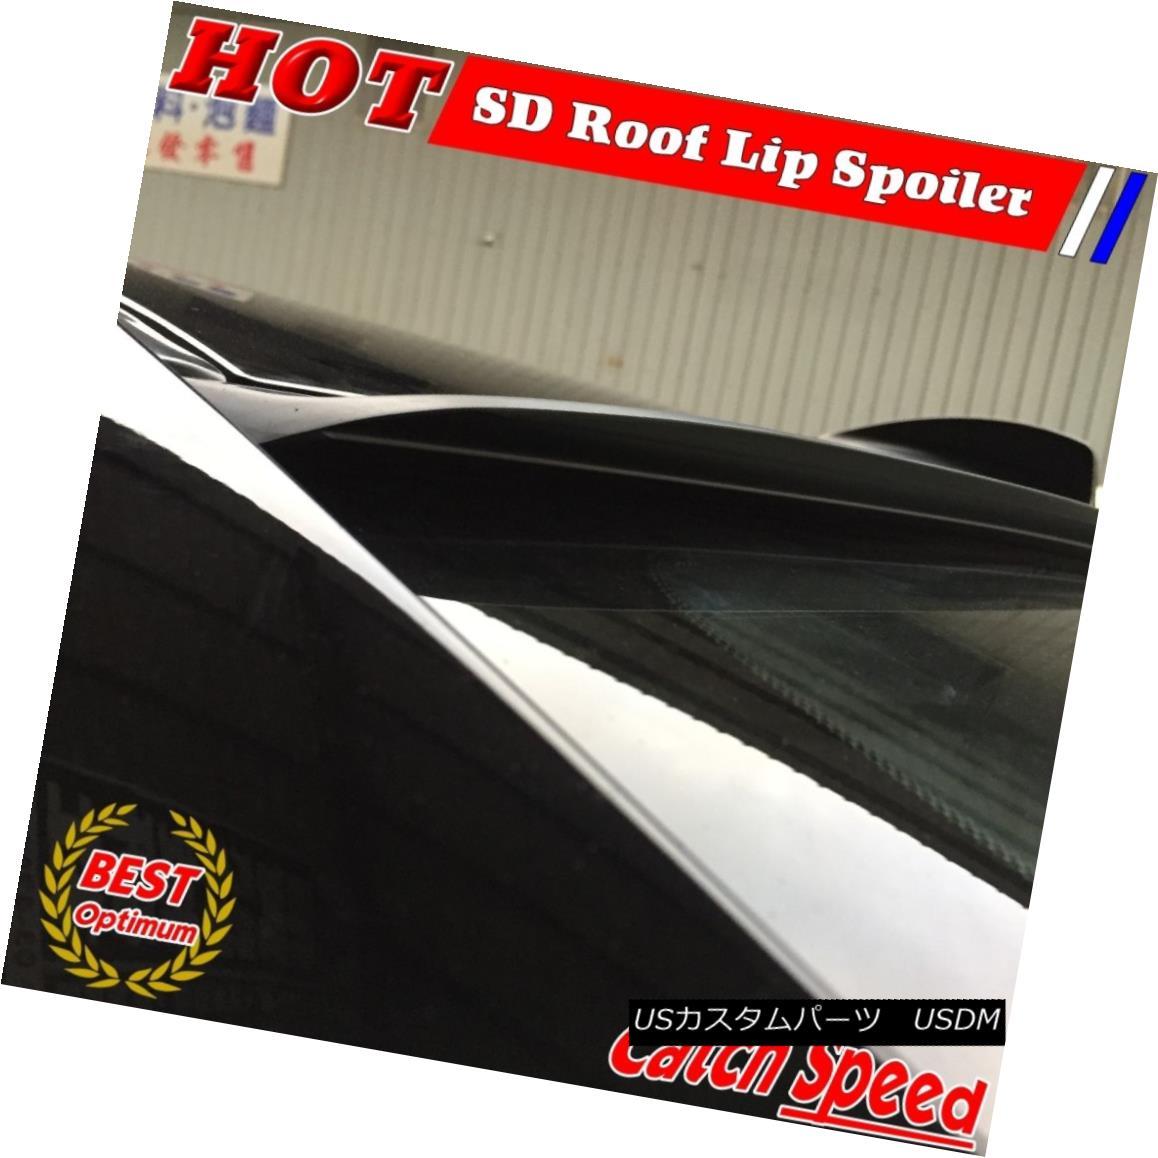 エアロパーツ Painted SD Type Rear Roof Spoiler Wing For Hyundai Sonata NF 2006~2010 Sedan 現代ソナタ向け塗装済みSDタイプリアルーフスポイラーウイングNF 2006?2010 Sedan